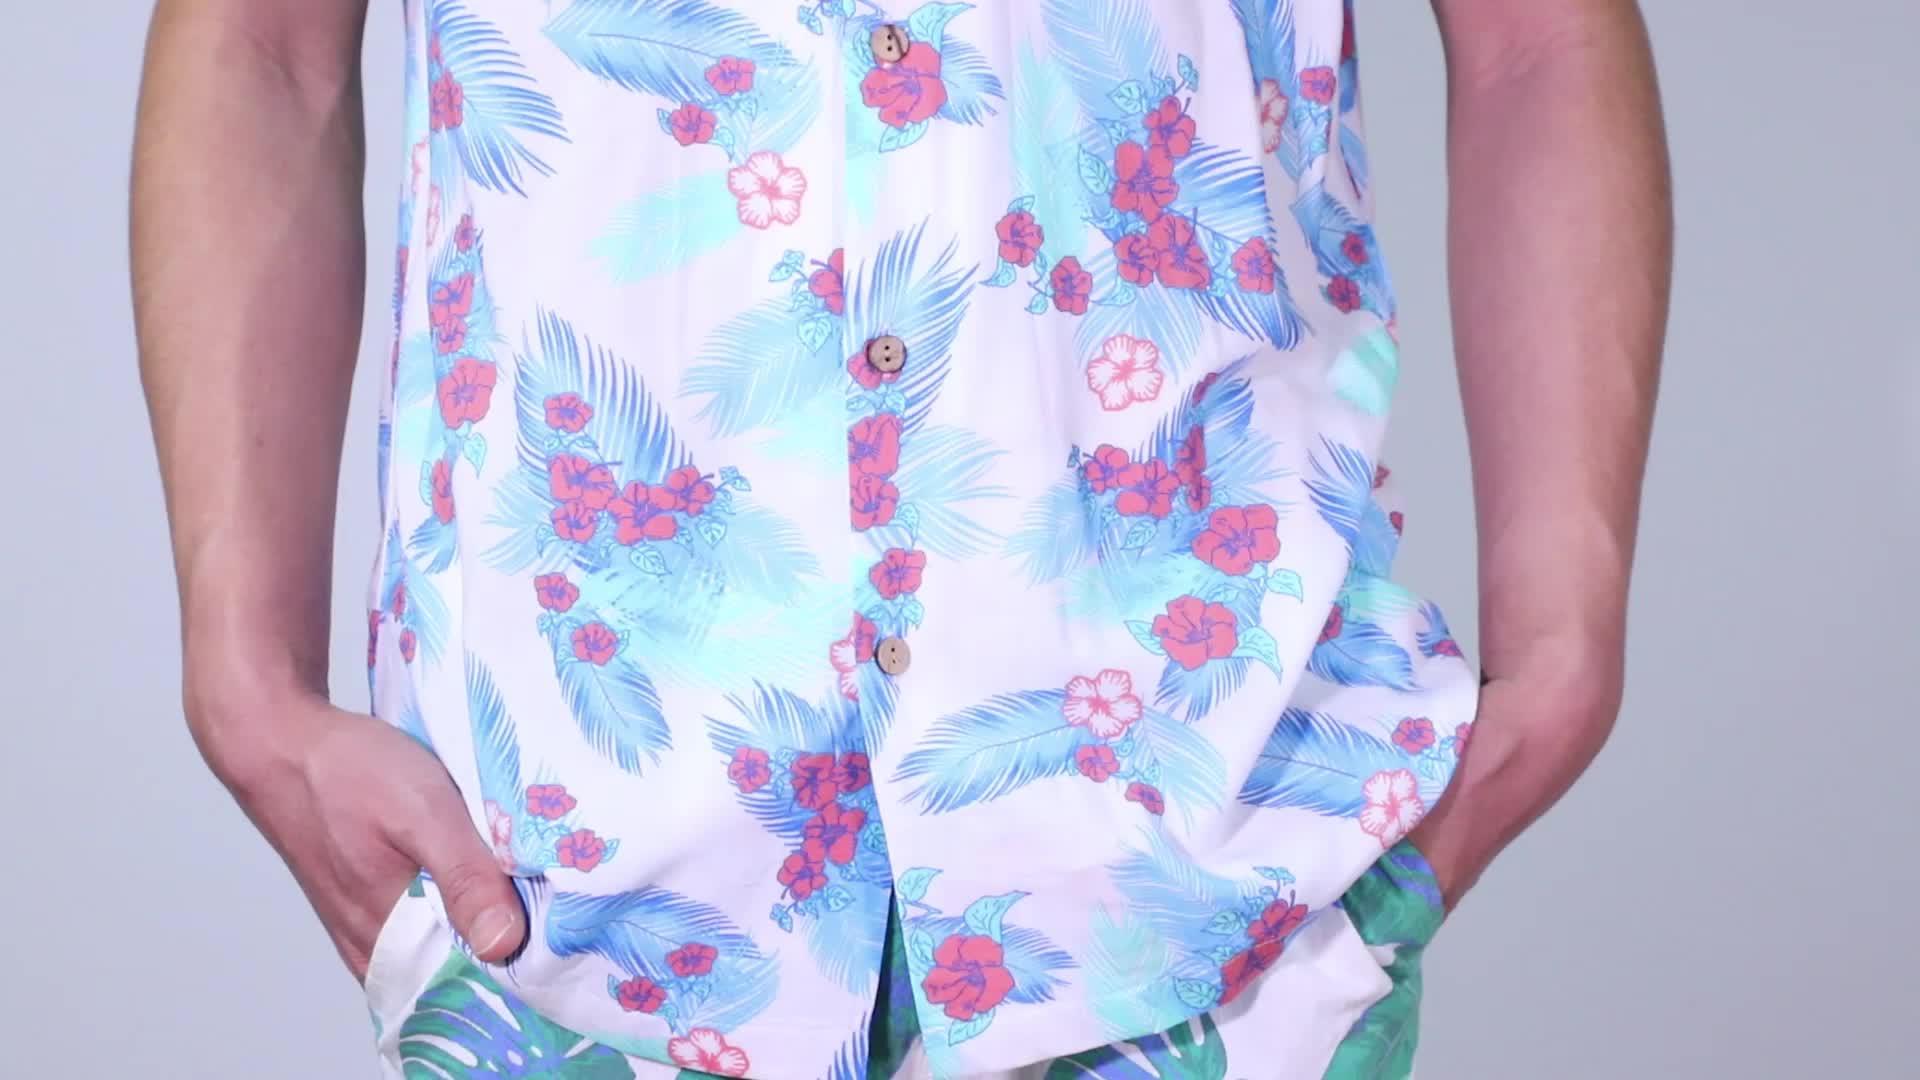 थोक खिंचाव प्लेड फलालैन फैशन पुरुषों की कस्टम शर्ट